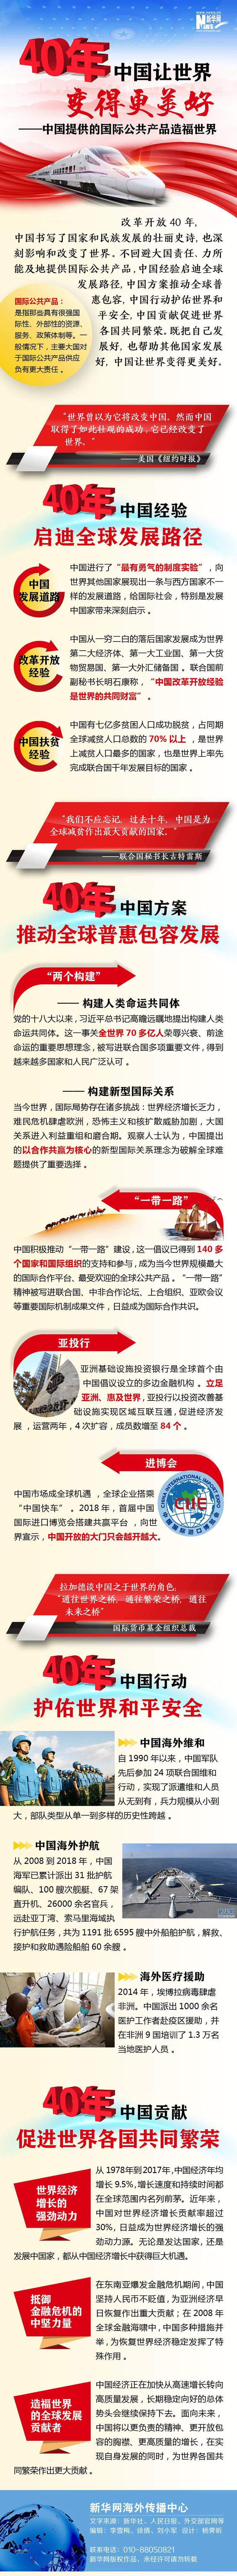 40年,中国让世界变得更美好 ——中国提供的国际公共产品造福世界